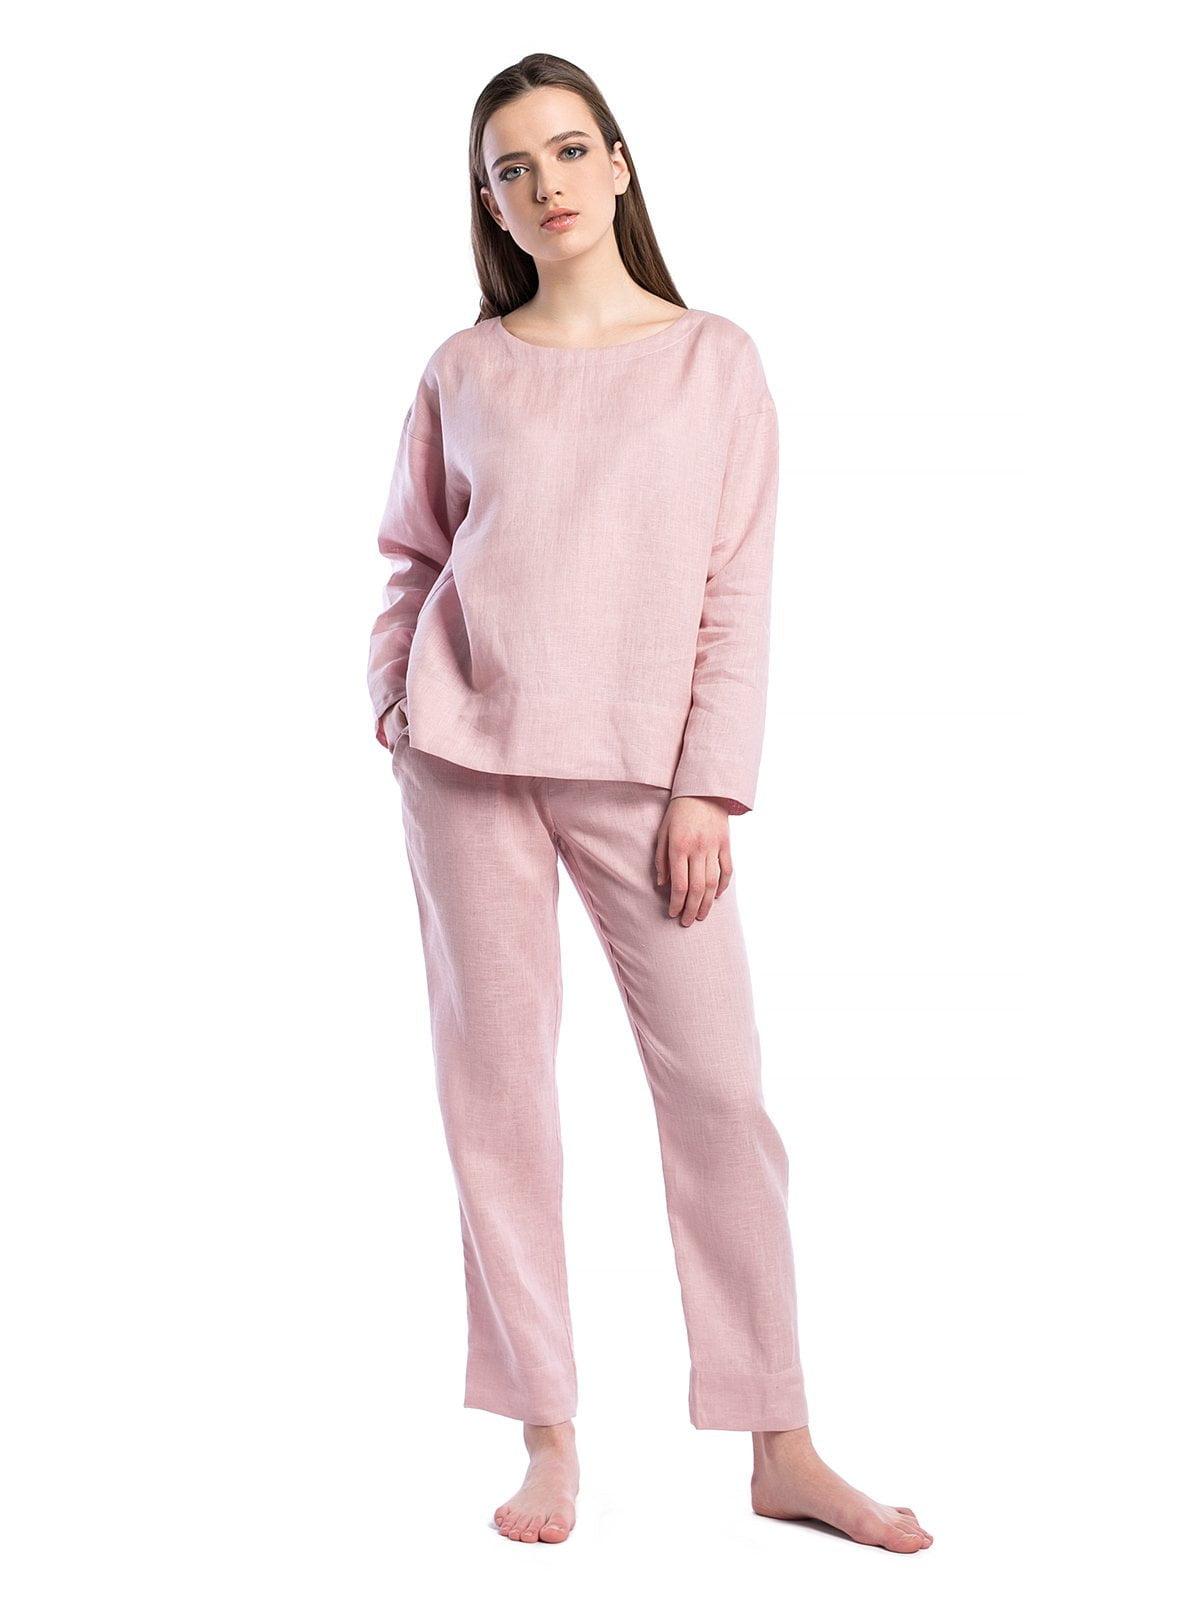 Жіноча піжама Candy – купити в Києві та Українi  f10a8a5277255